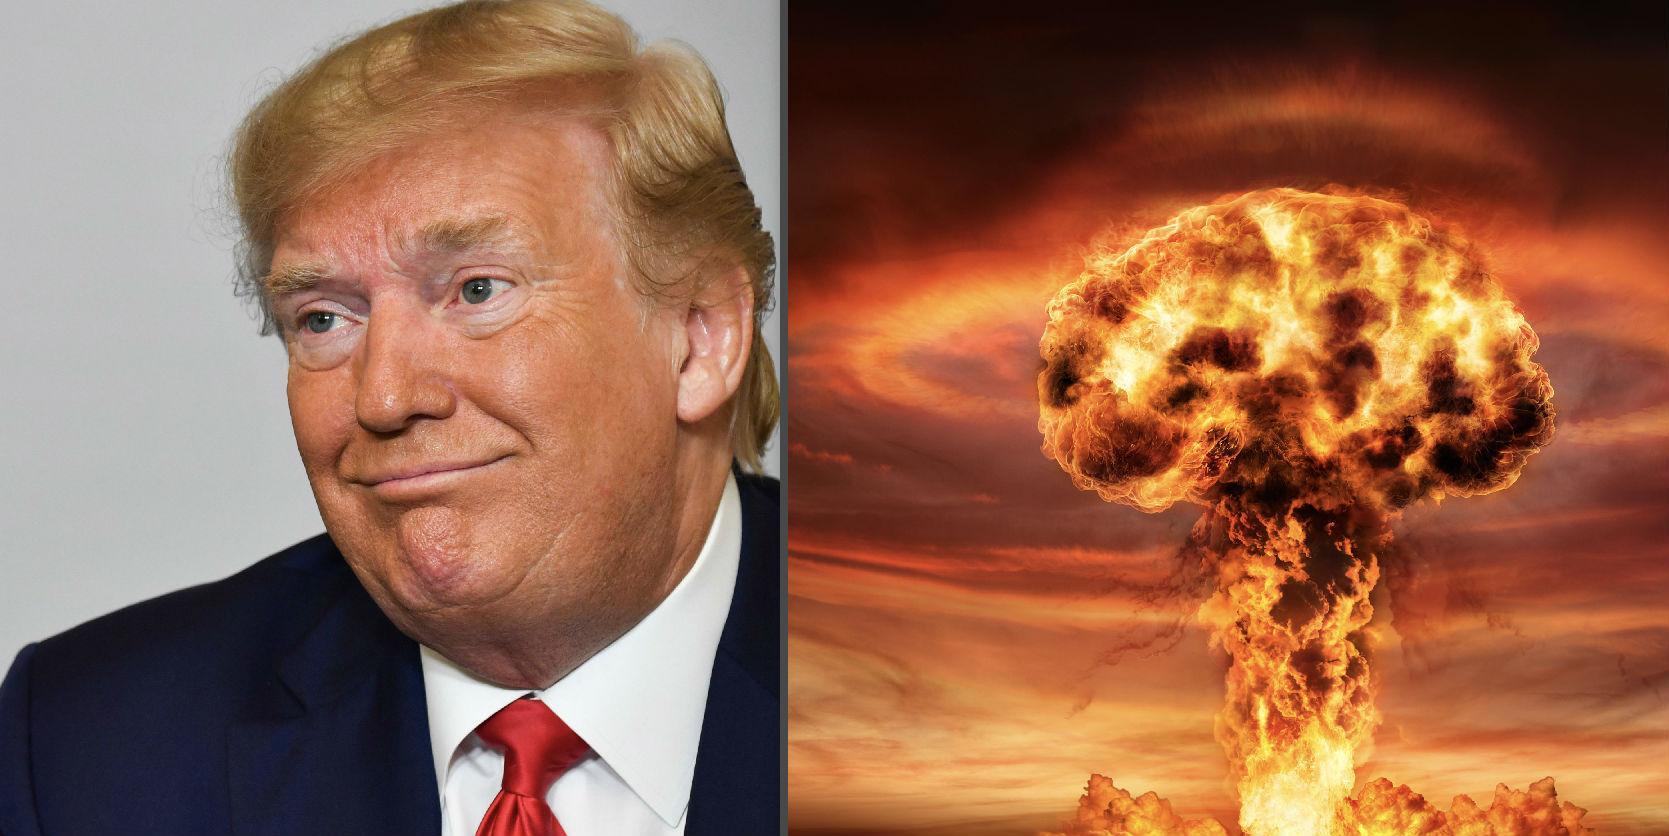 Esta es la solución que Trump propuso más de una vez para evitar que los huracanes golpeen a EEUU, según reporte: destruirlos con una bomba nuclear